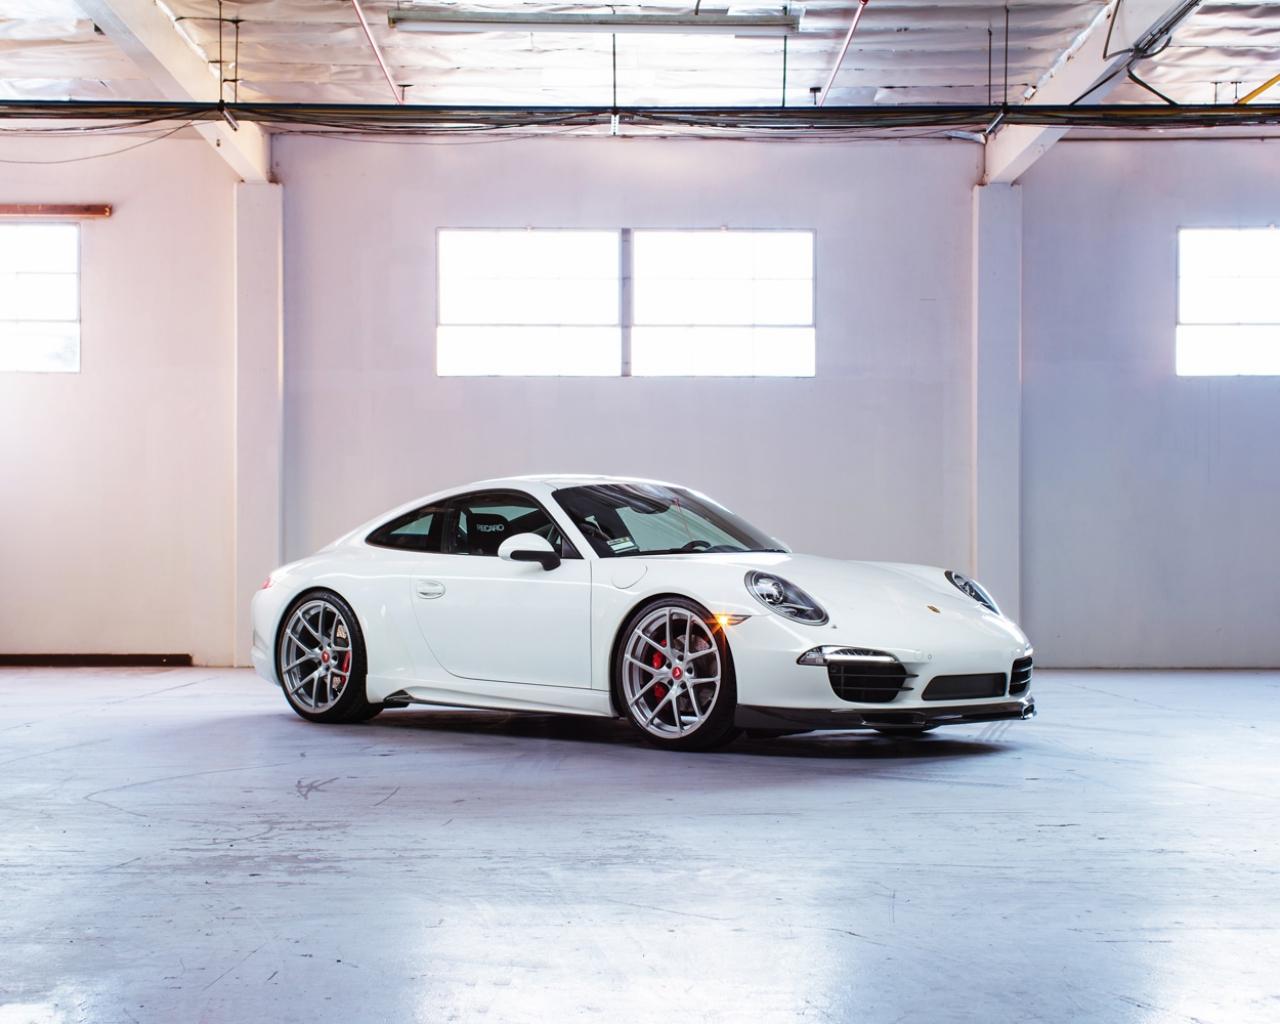 Fondos De Pantalla Vehículo Porsche Show De Net: Porsche Carrera 911 Hd 1280x1024